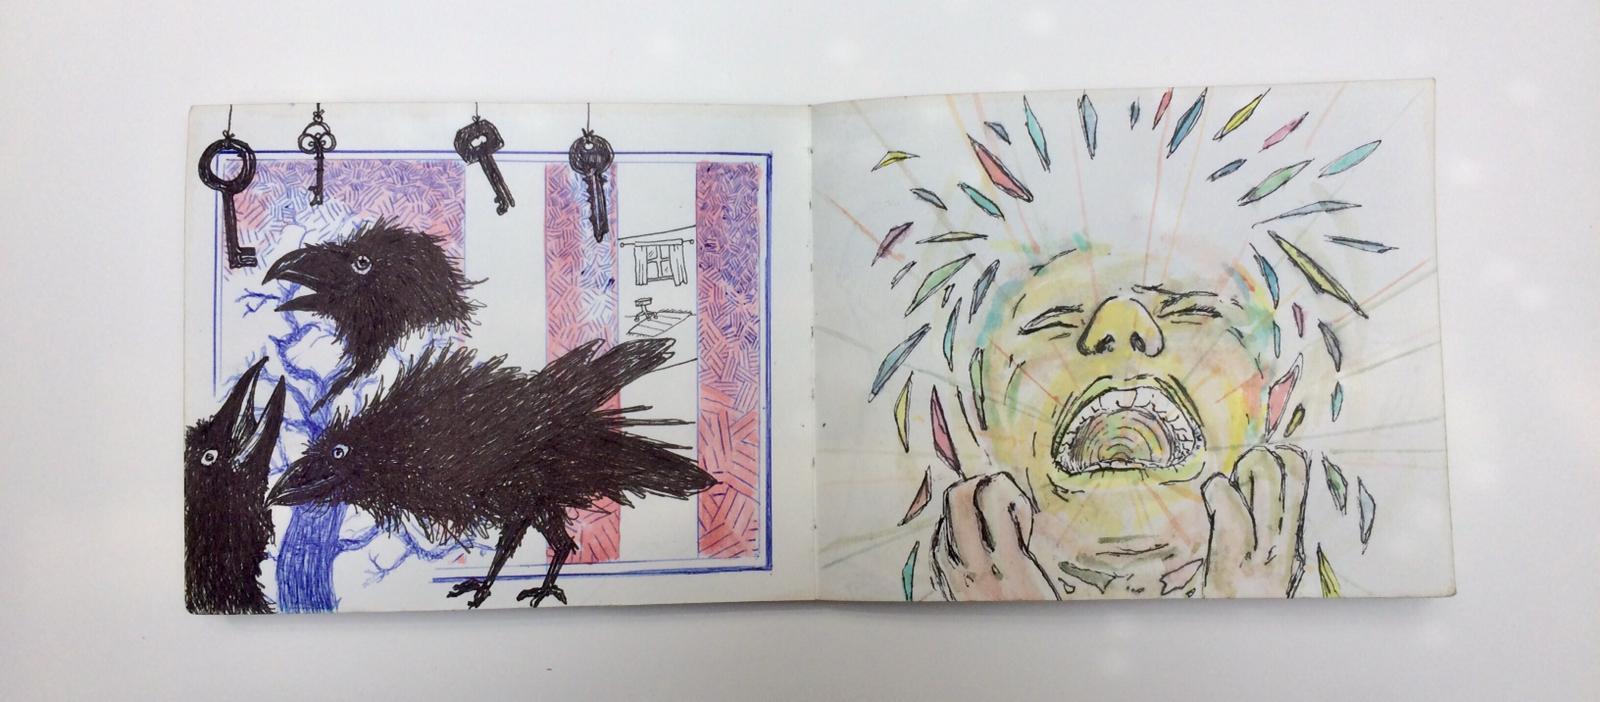 werkstatt-eden-lis-werner-illustration-skizzenbuch2